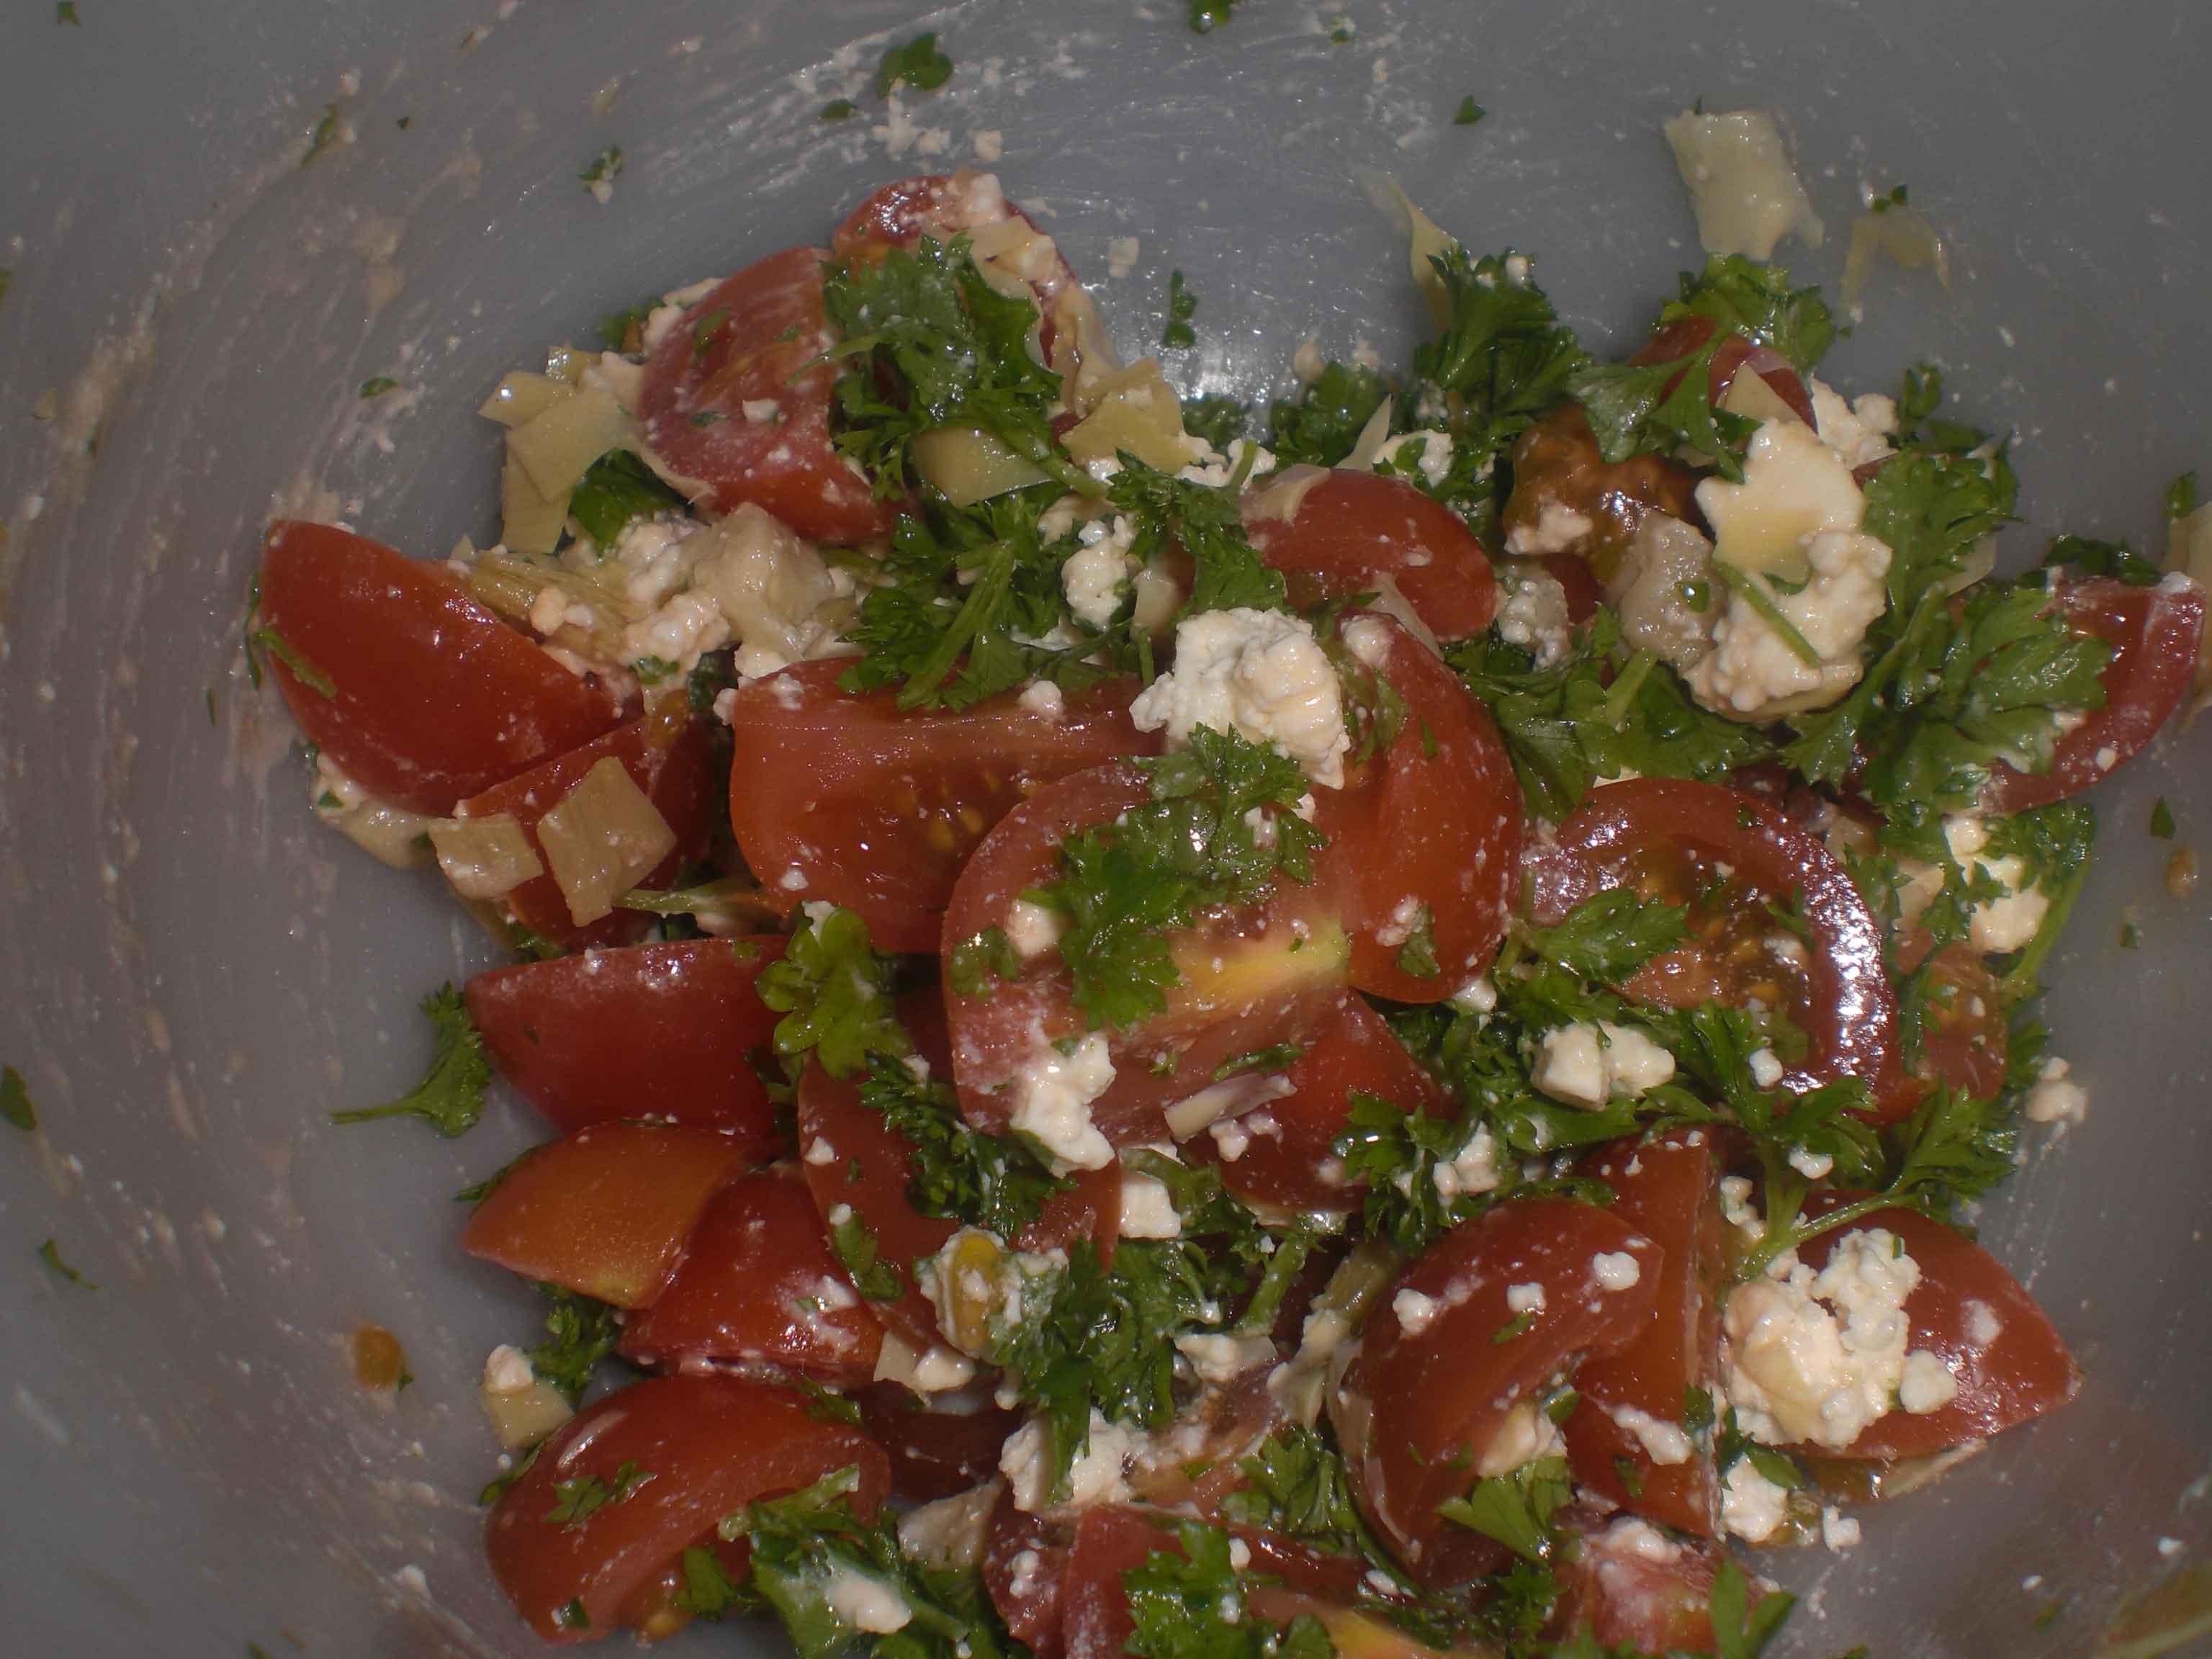 Vend oliven, tomat og persille med salattern.